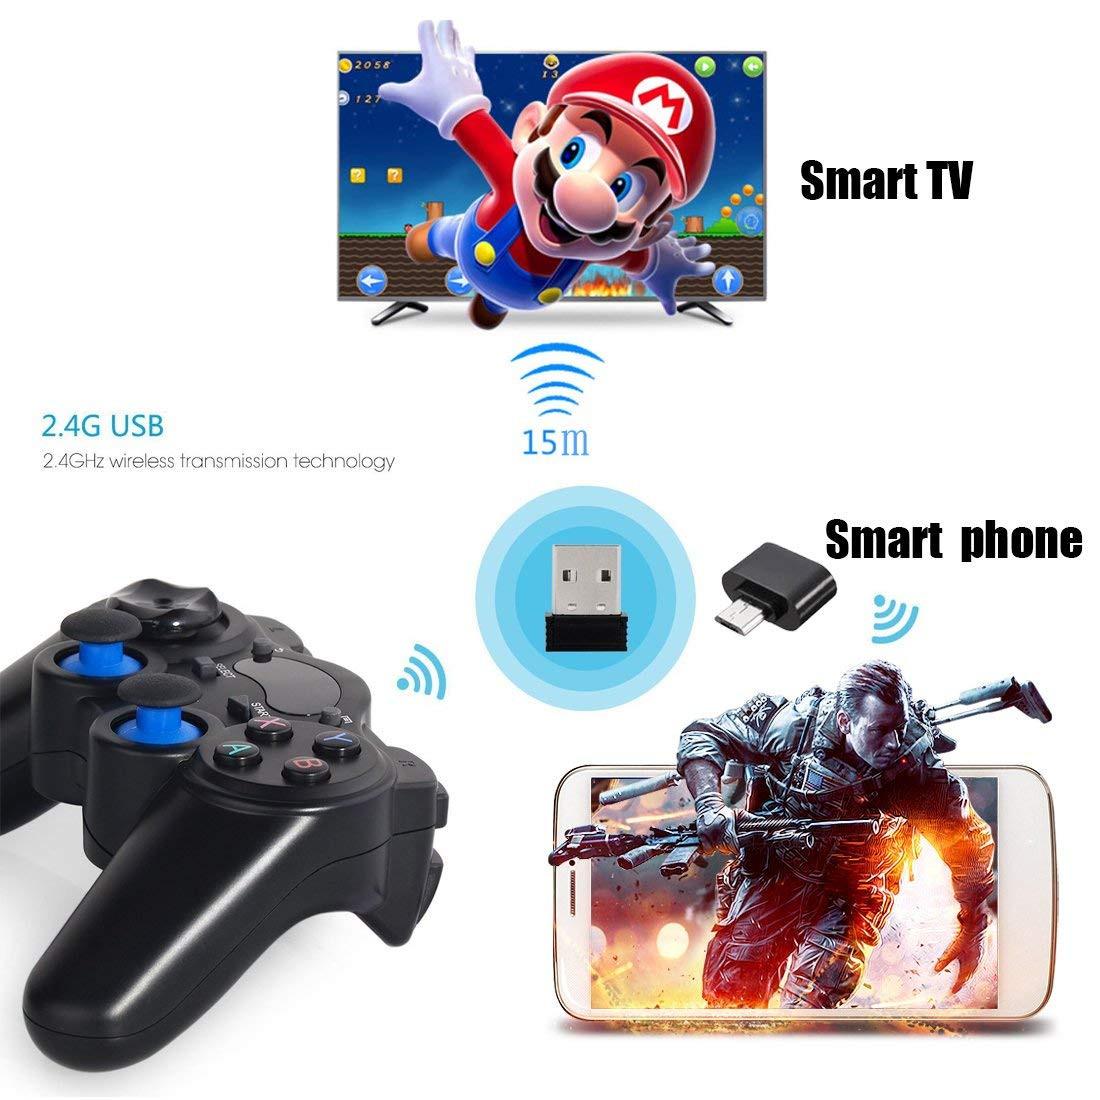 Tay Cầm Chơi Game Không Dây Cho PC / Xbox360 / Android TV / Smartphone/ Laptop 850M